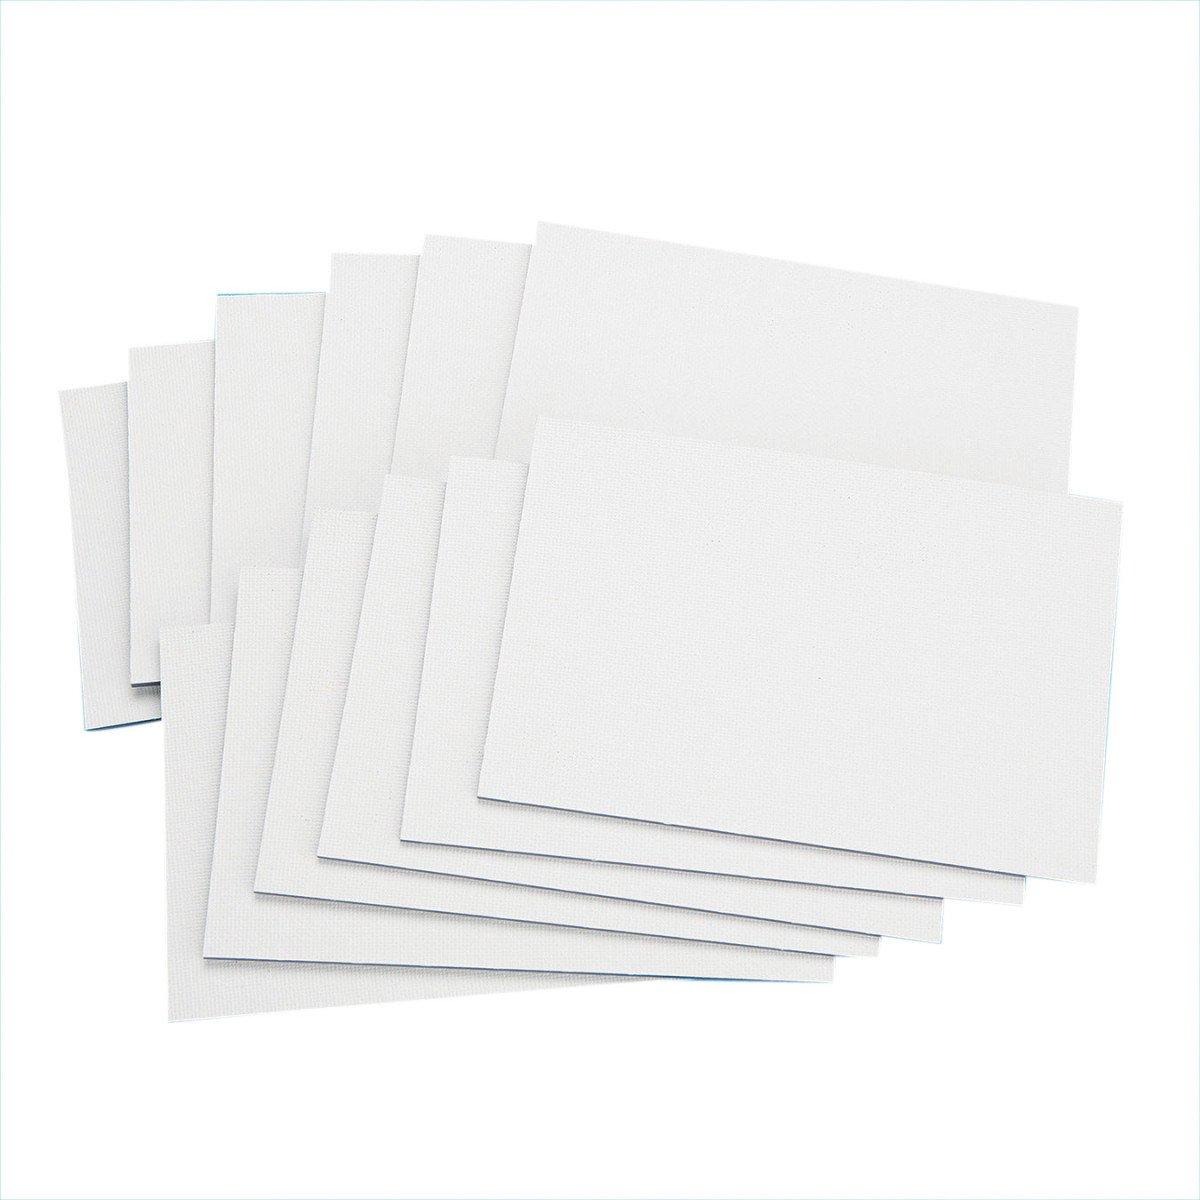 Daler Board 301011814 18 x 14-Inch Rowney Board